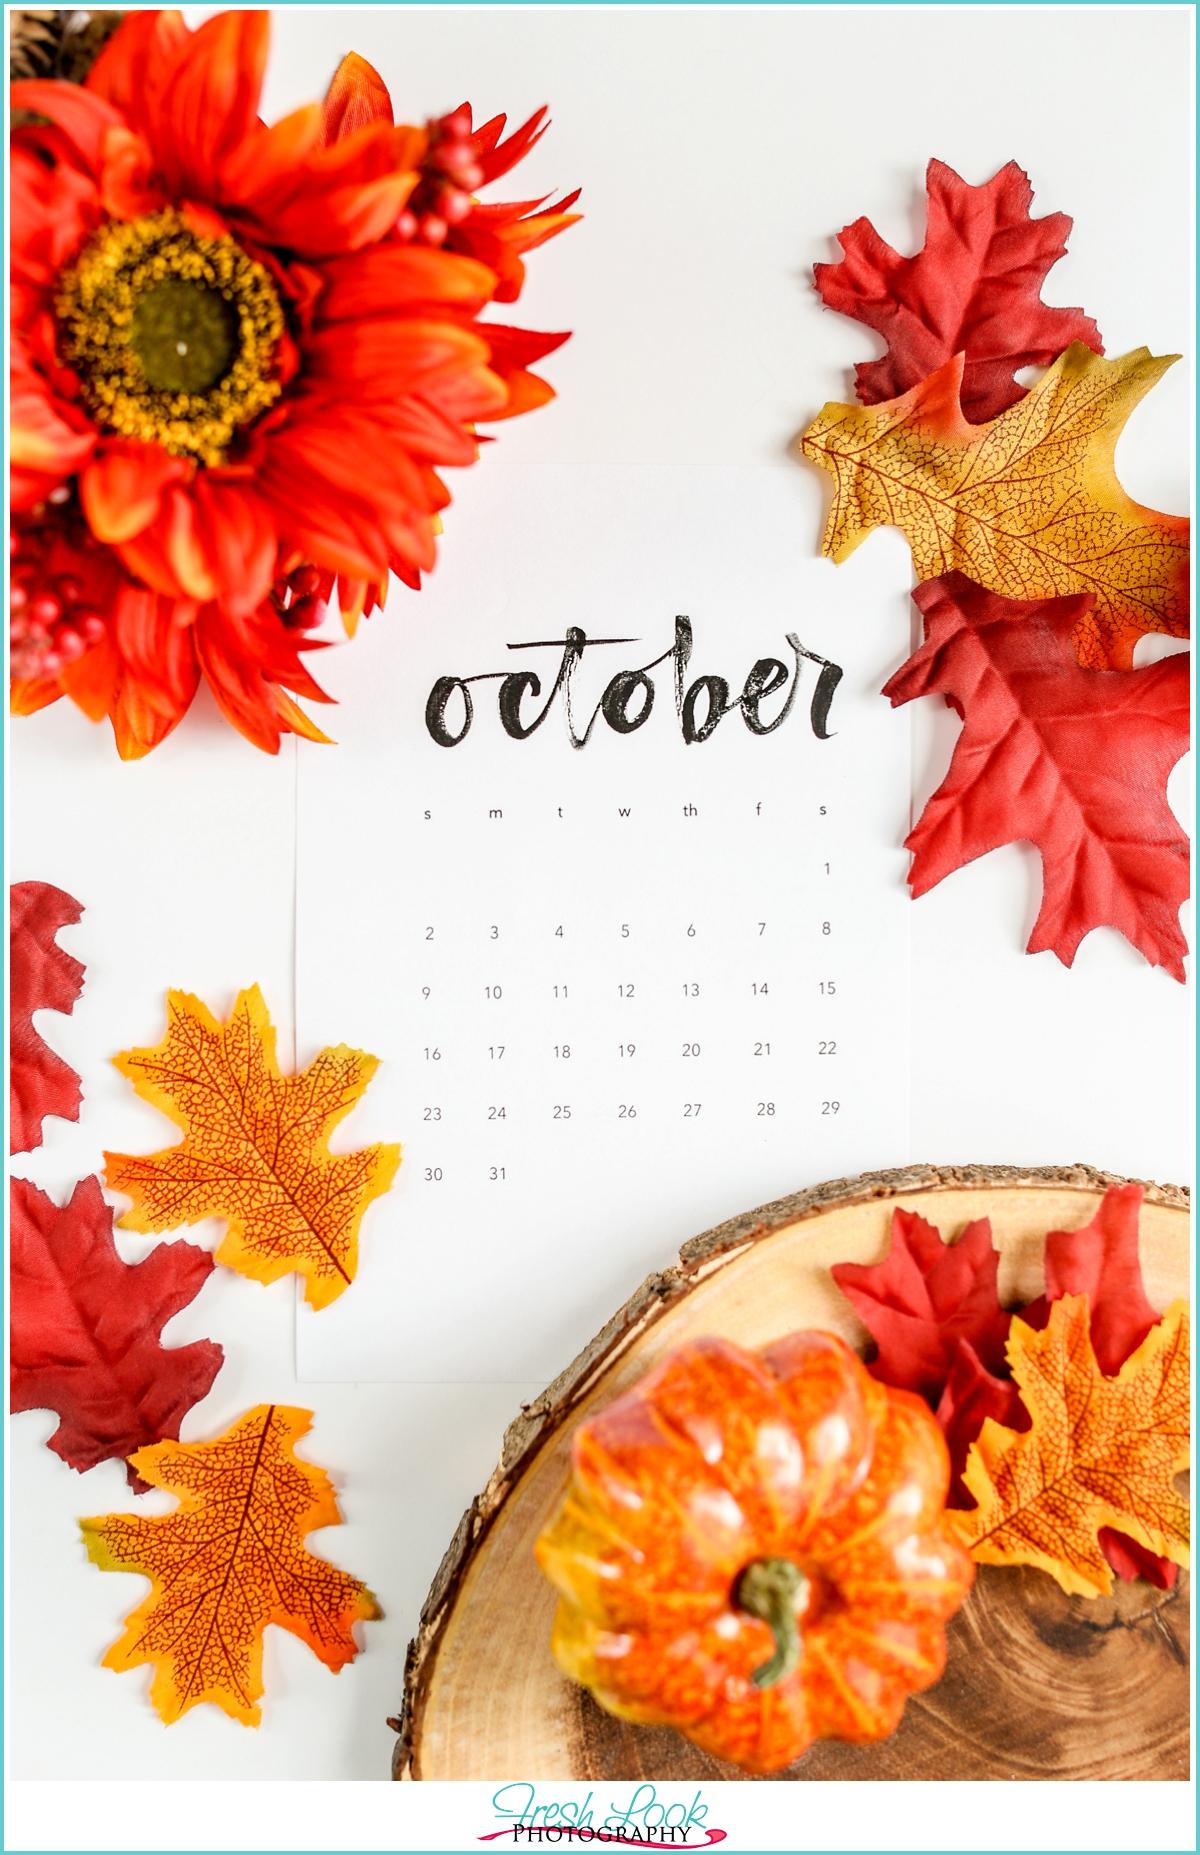 October 2017 Monthly Goals